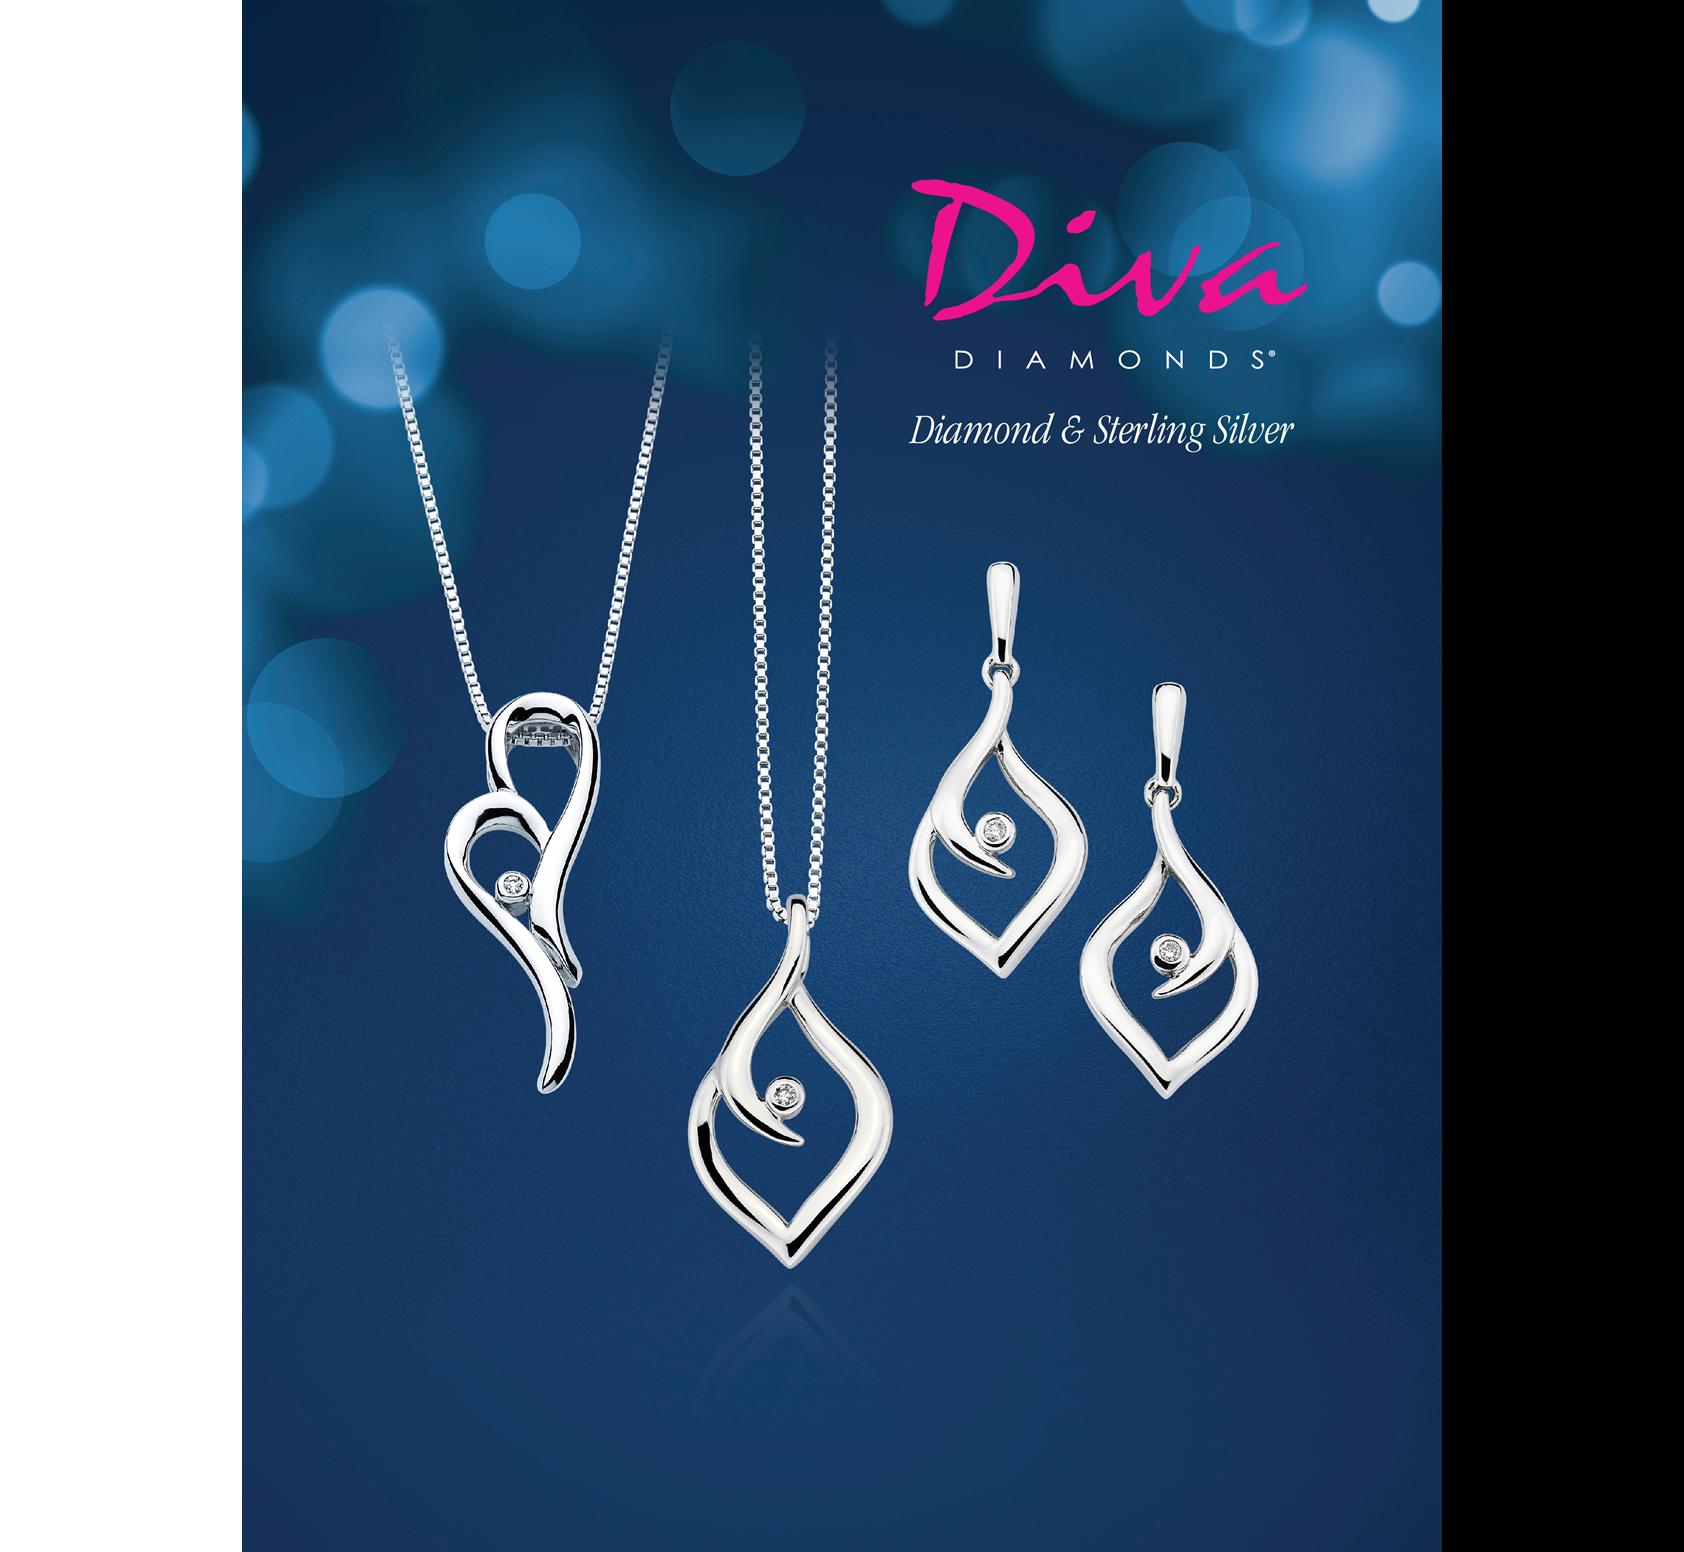 Diva Diamonds